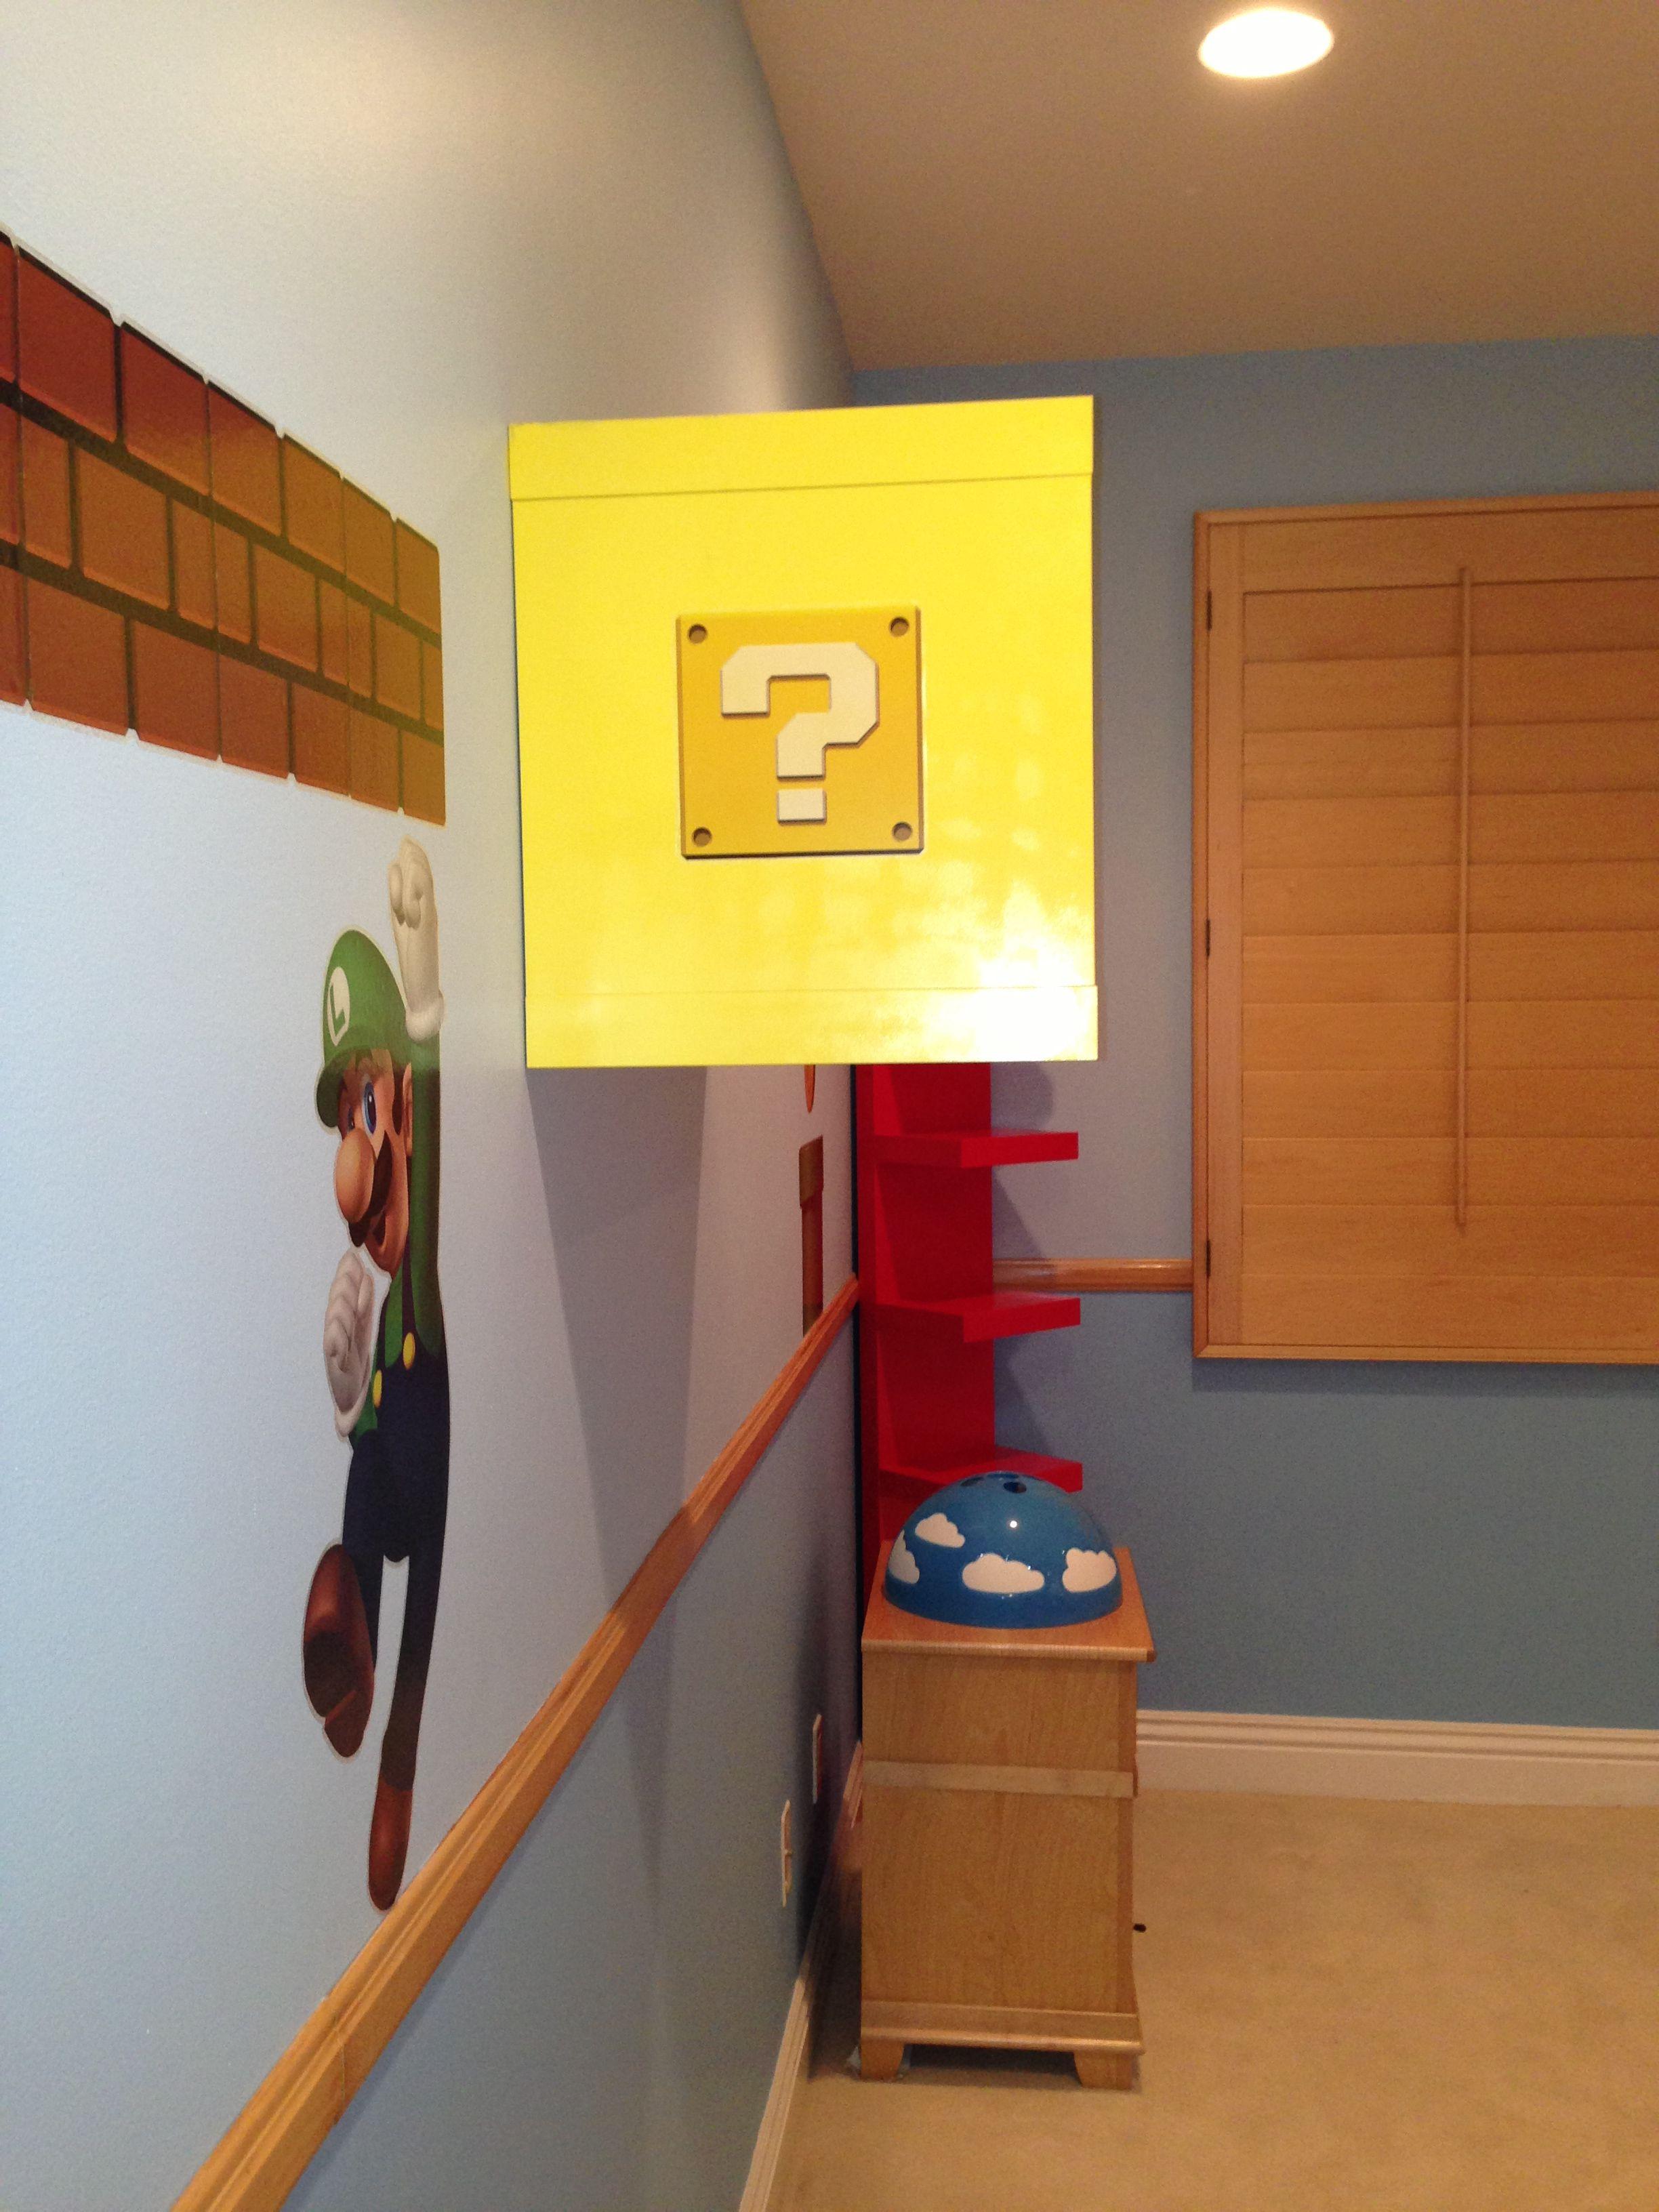 Super mario bros room decor   Mario bros room   Pinterest   Room ...